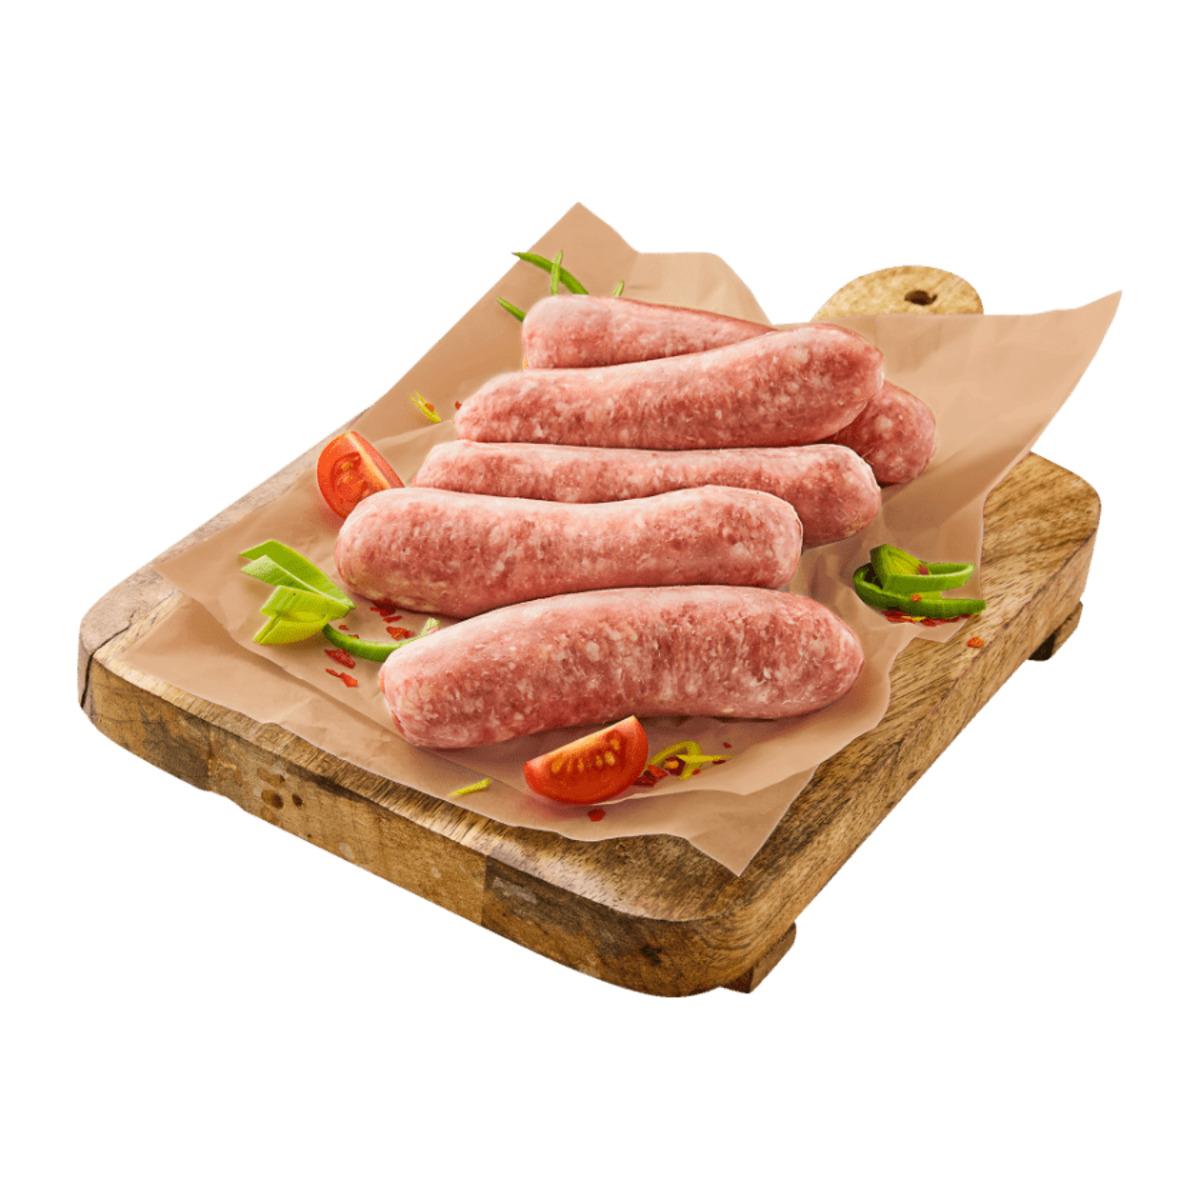 Bild 1 von MEINE METZGEREI     Schweinebratwurst